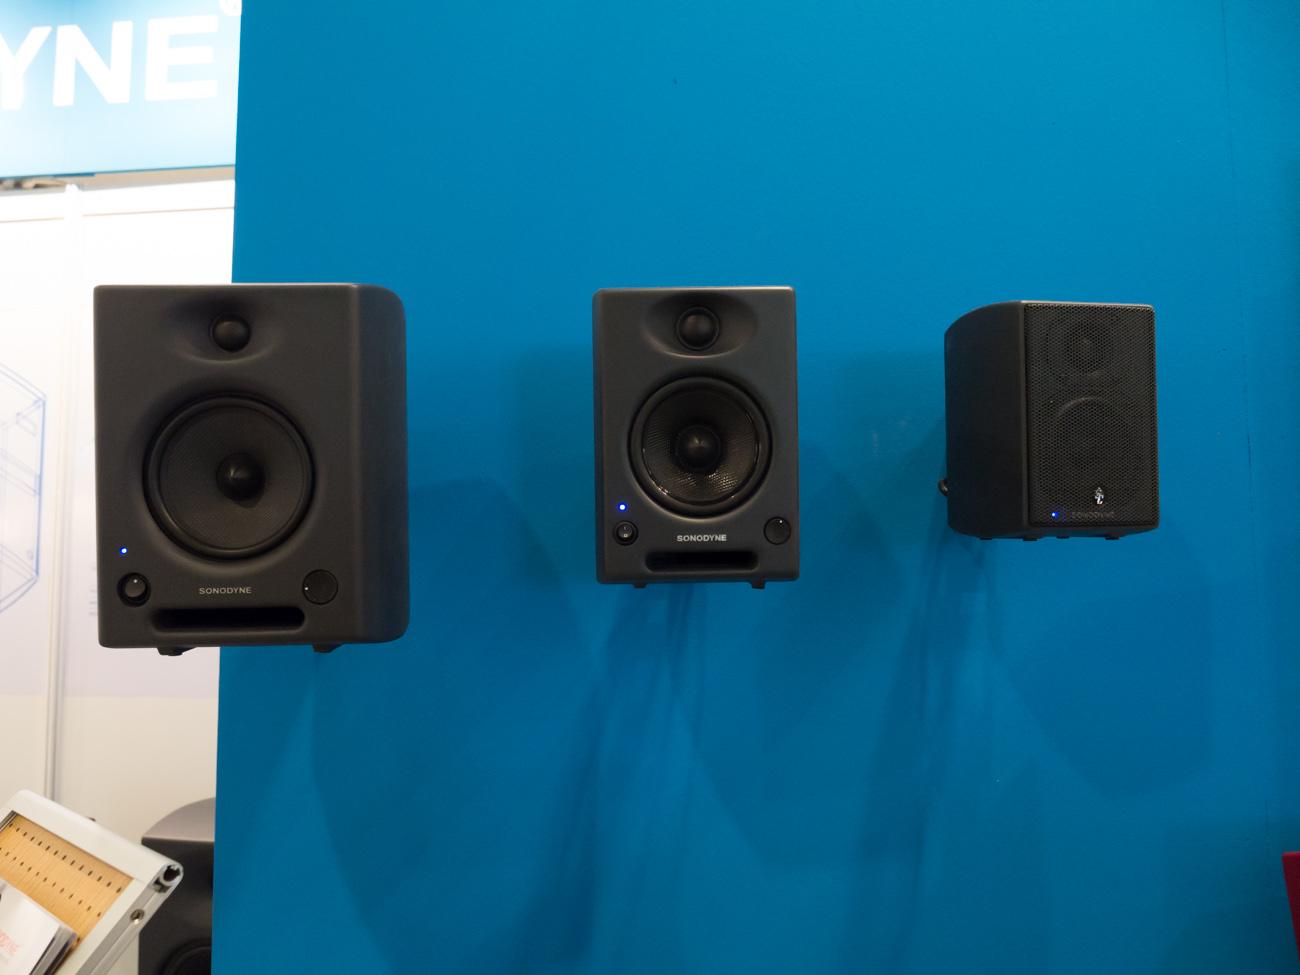 Musikmesse 2014 : SONODYNE